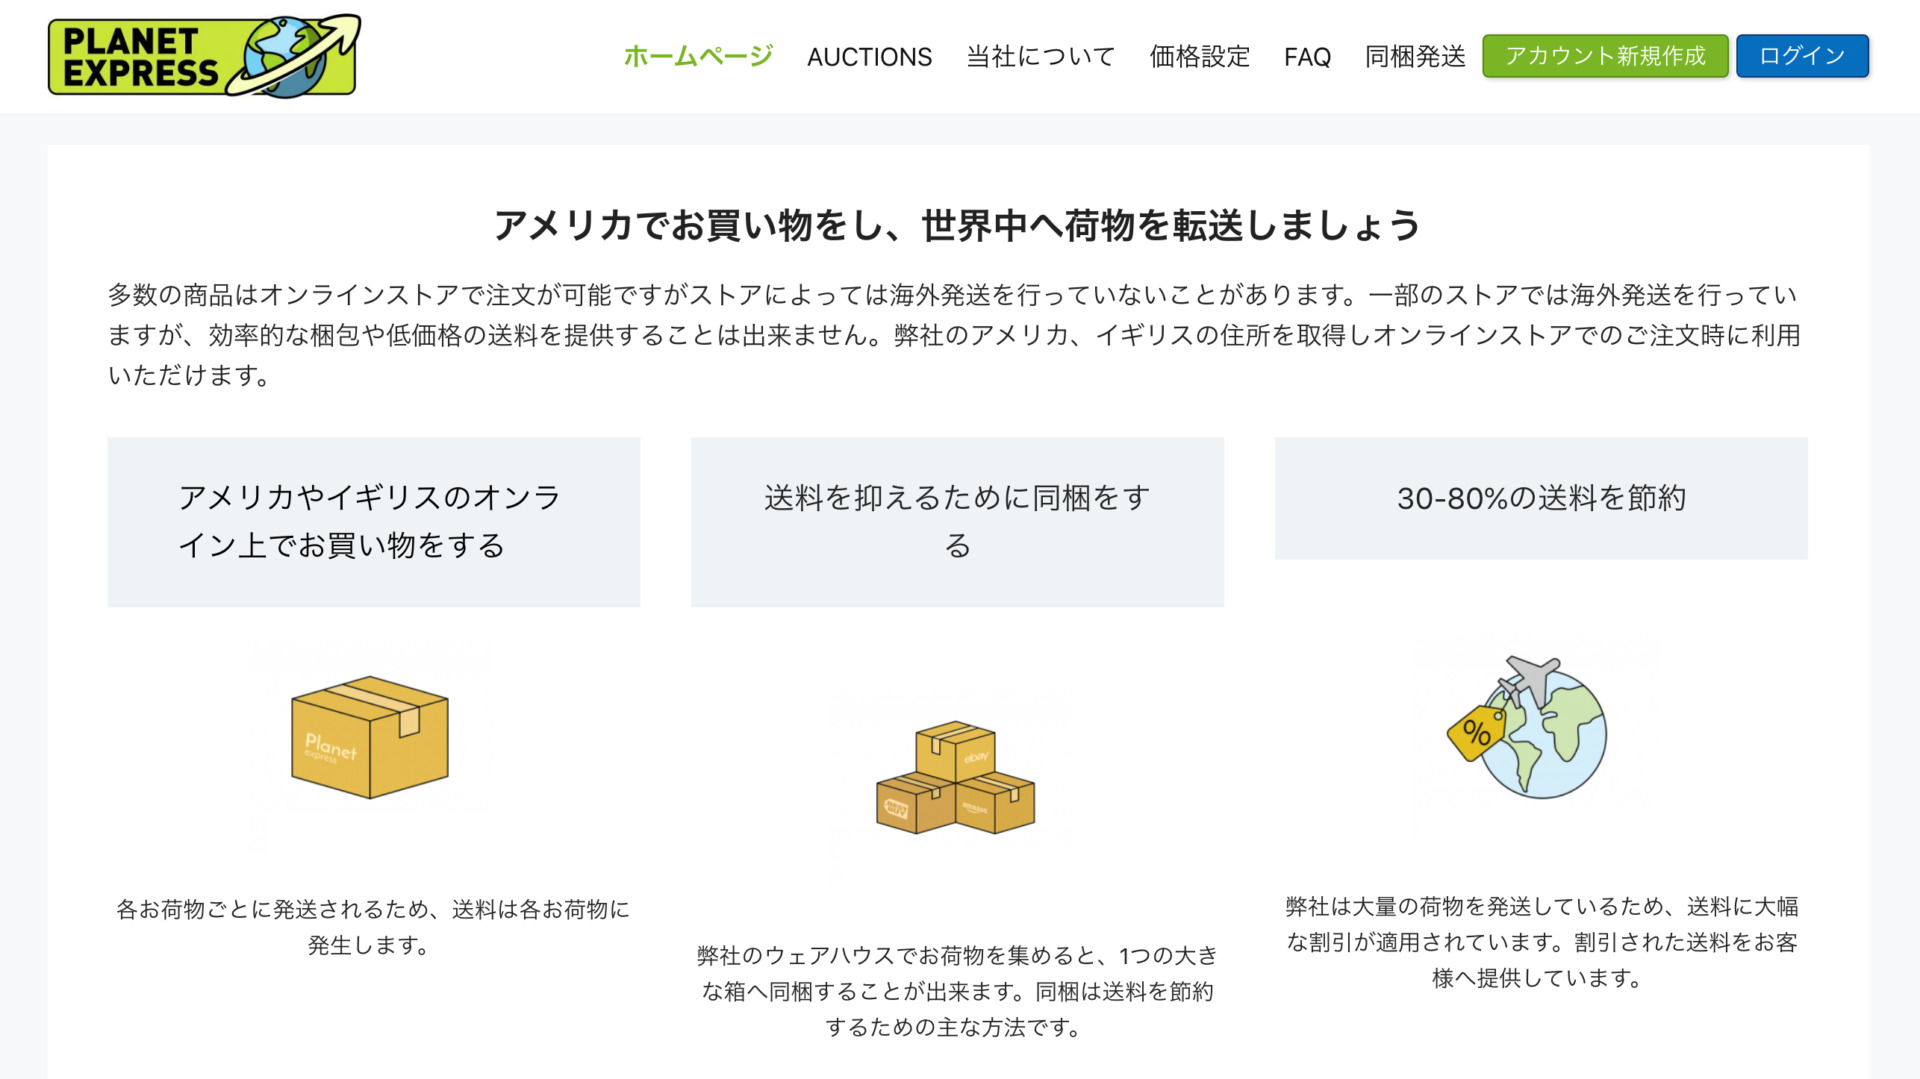 アメリカから日本への海外転送サービスの比較 Planet Express